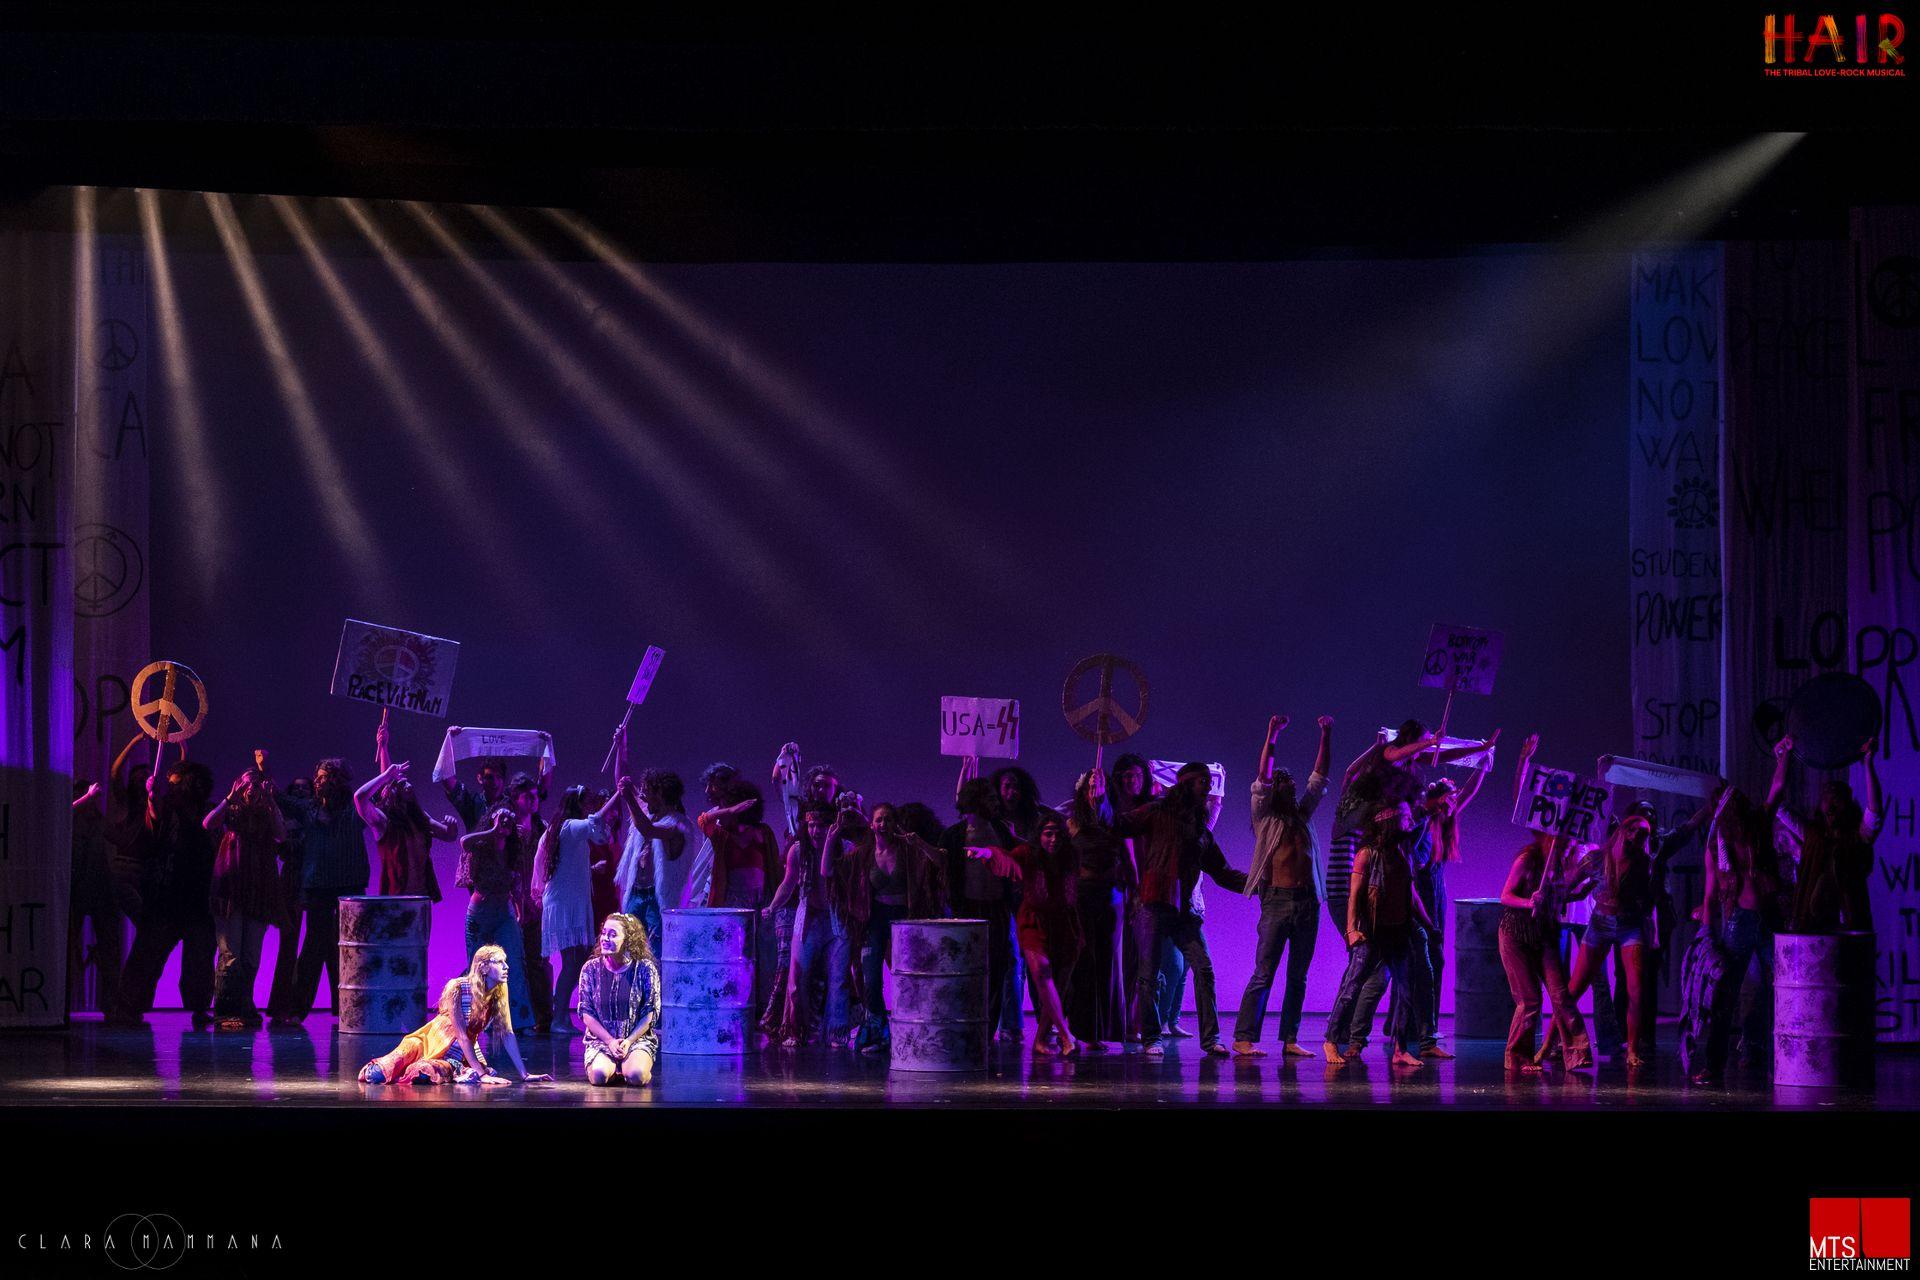 HAIR il musical, di Gérome Ragni e James Rado, music Galt MacDermot. Produzione 2019-20 MTSenterteinment in collaborazione con la Compagnia della Rancia